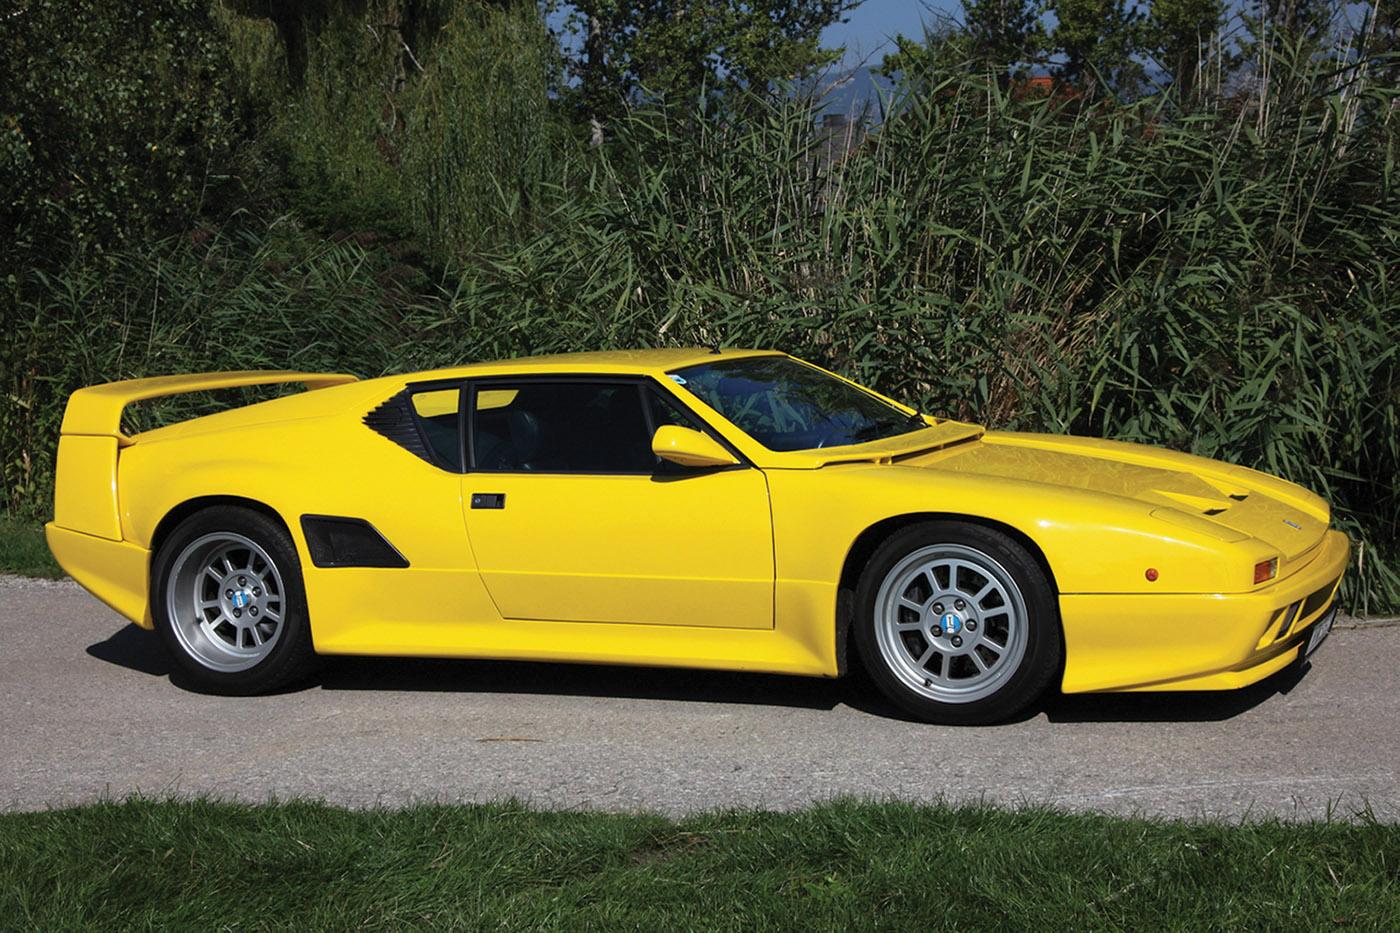 De Tomaso Pantera SI in yellow, side profile.